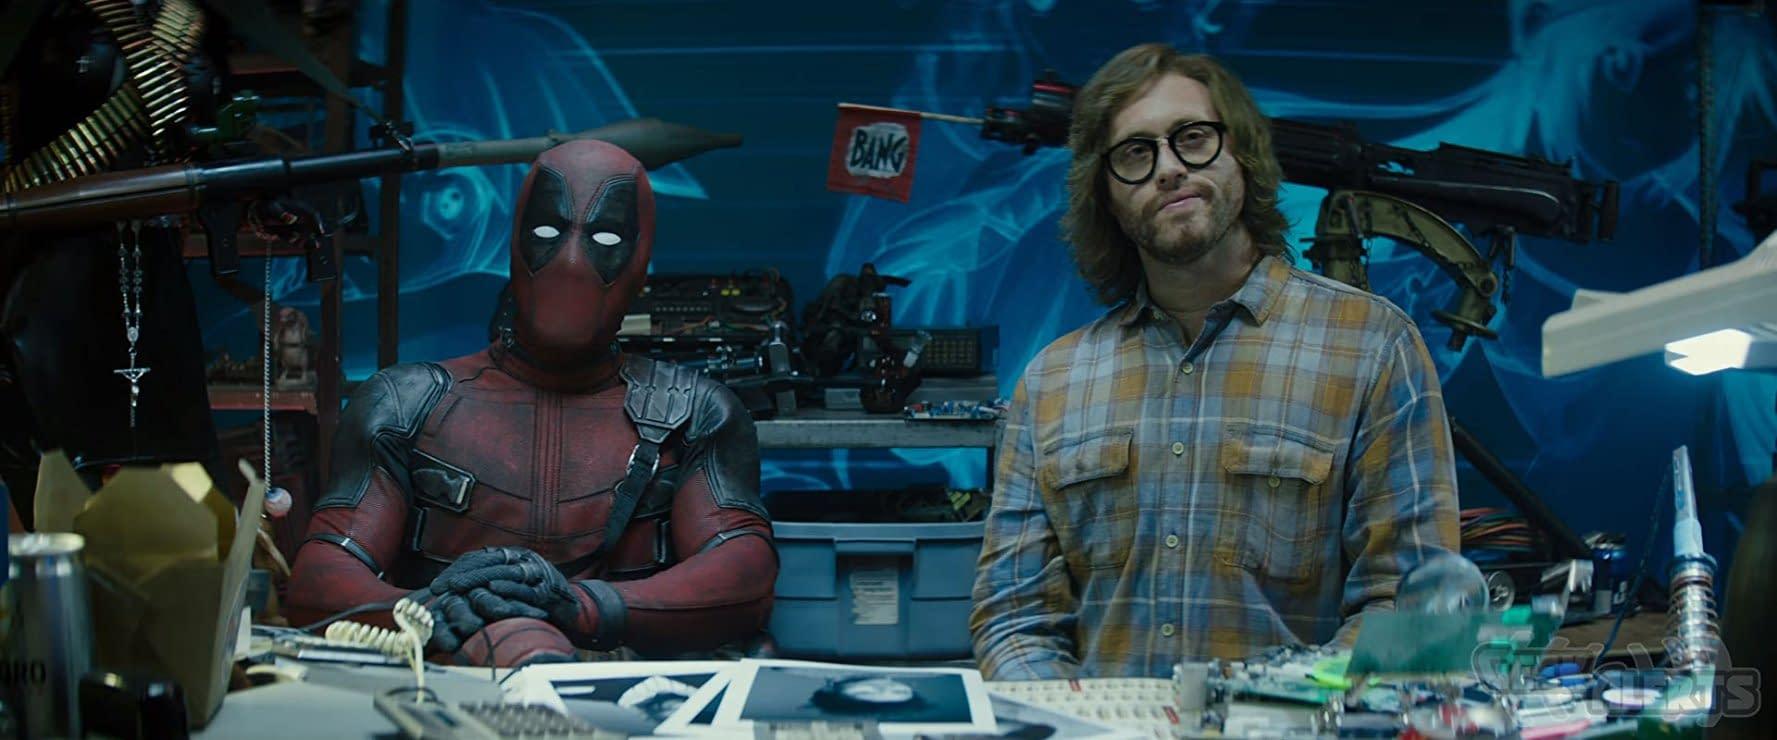 How Deadpool 2 Makes Light of the Allegations Against T.J. Miller